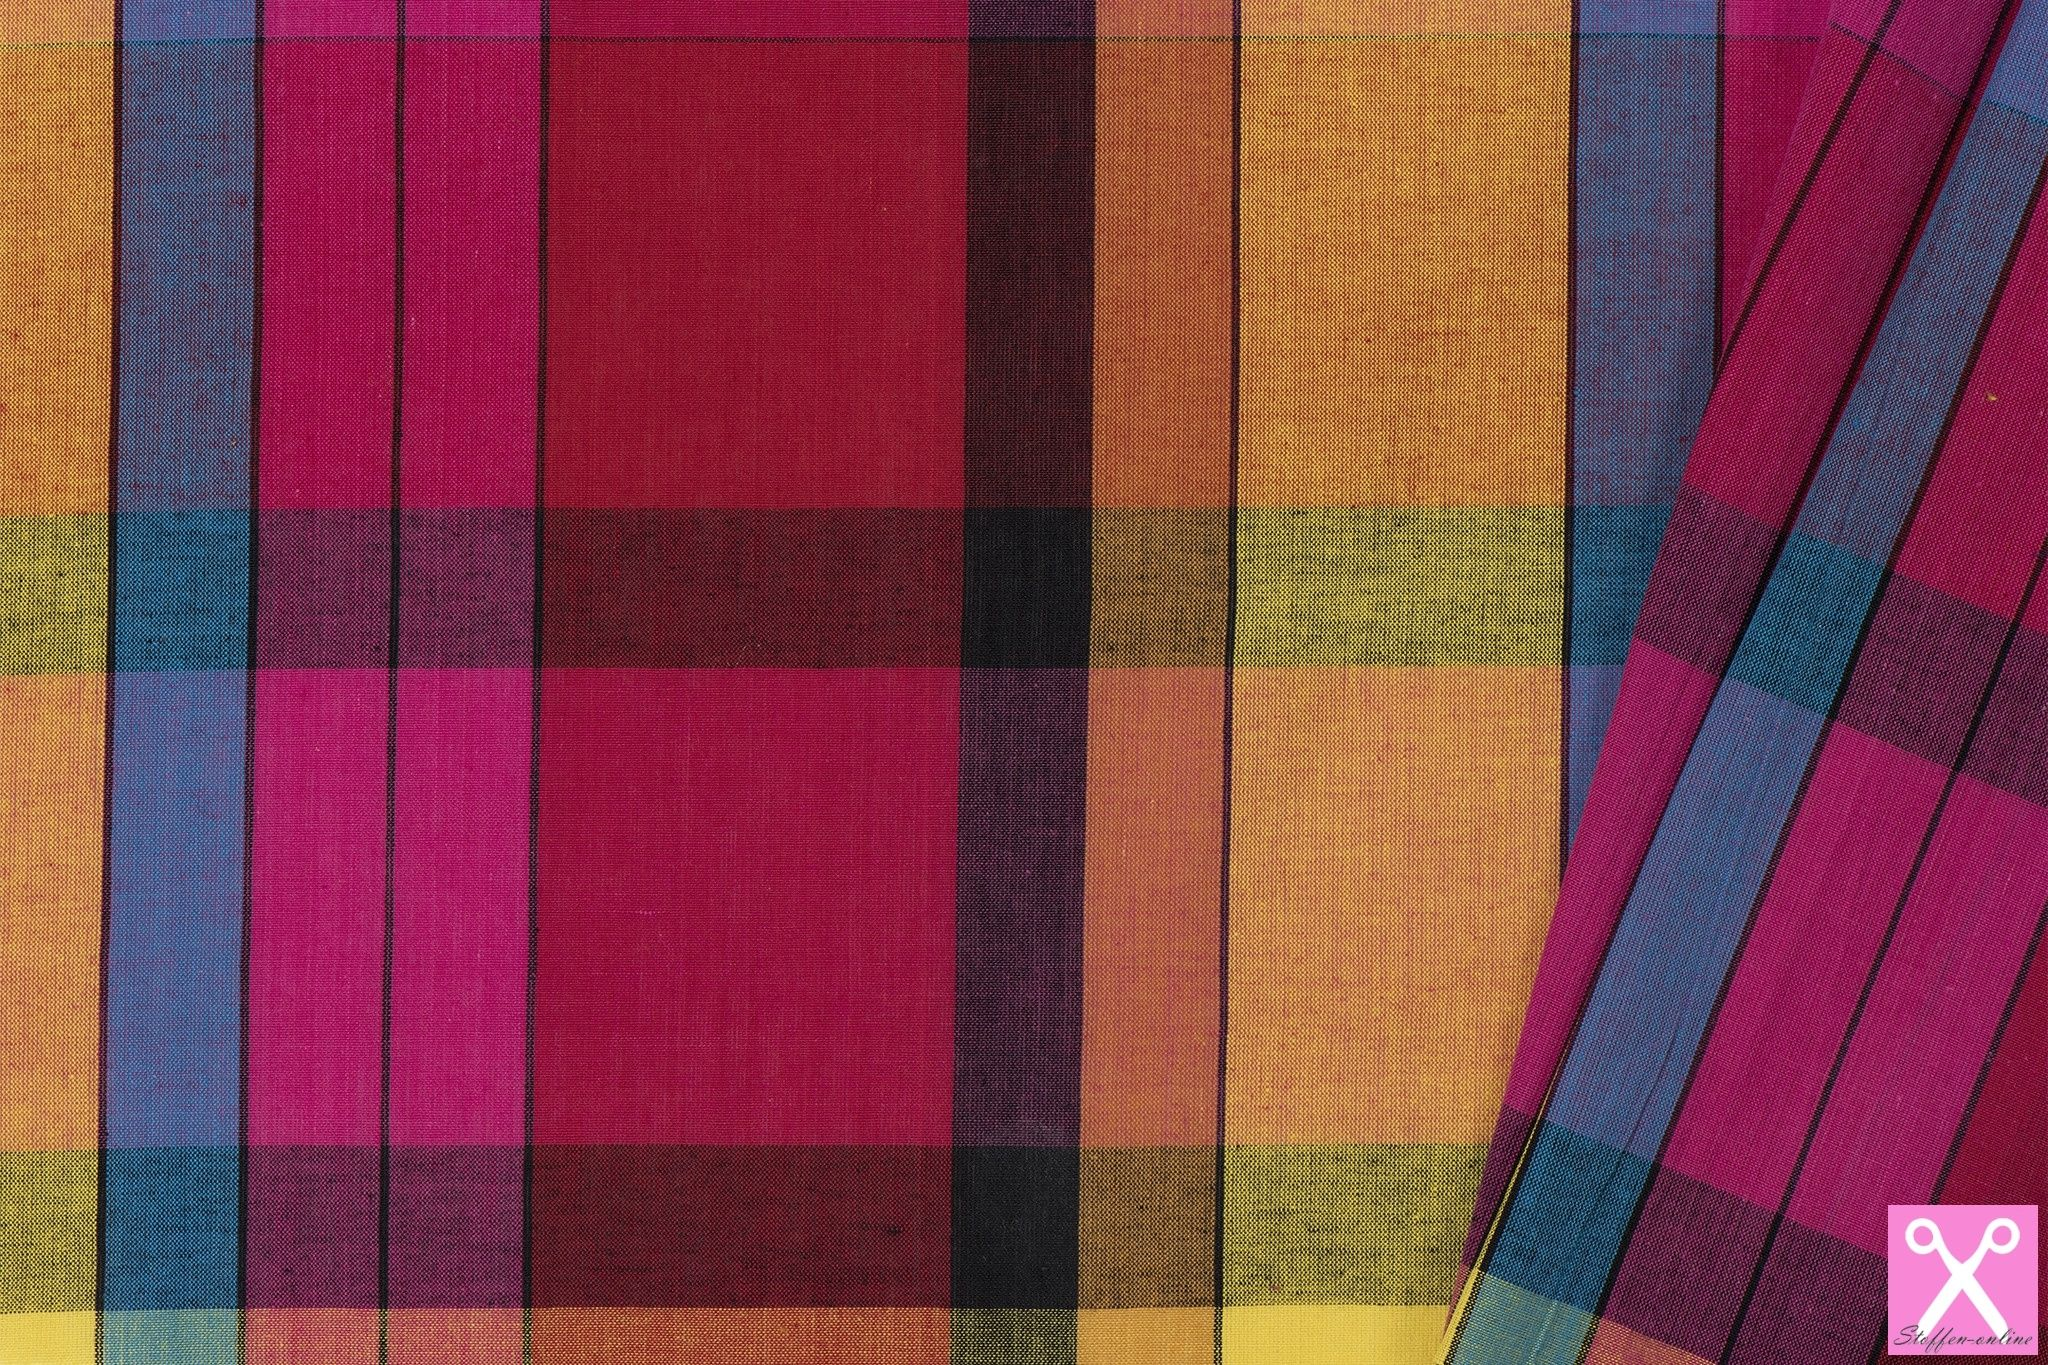 Inca Stoffen Bestellen In Onze Webshop Vindt U Een Uitgebreid